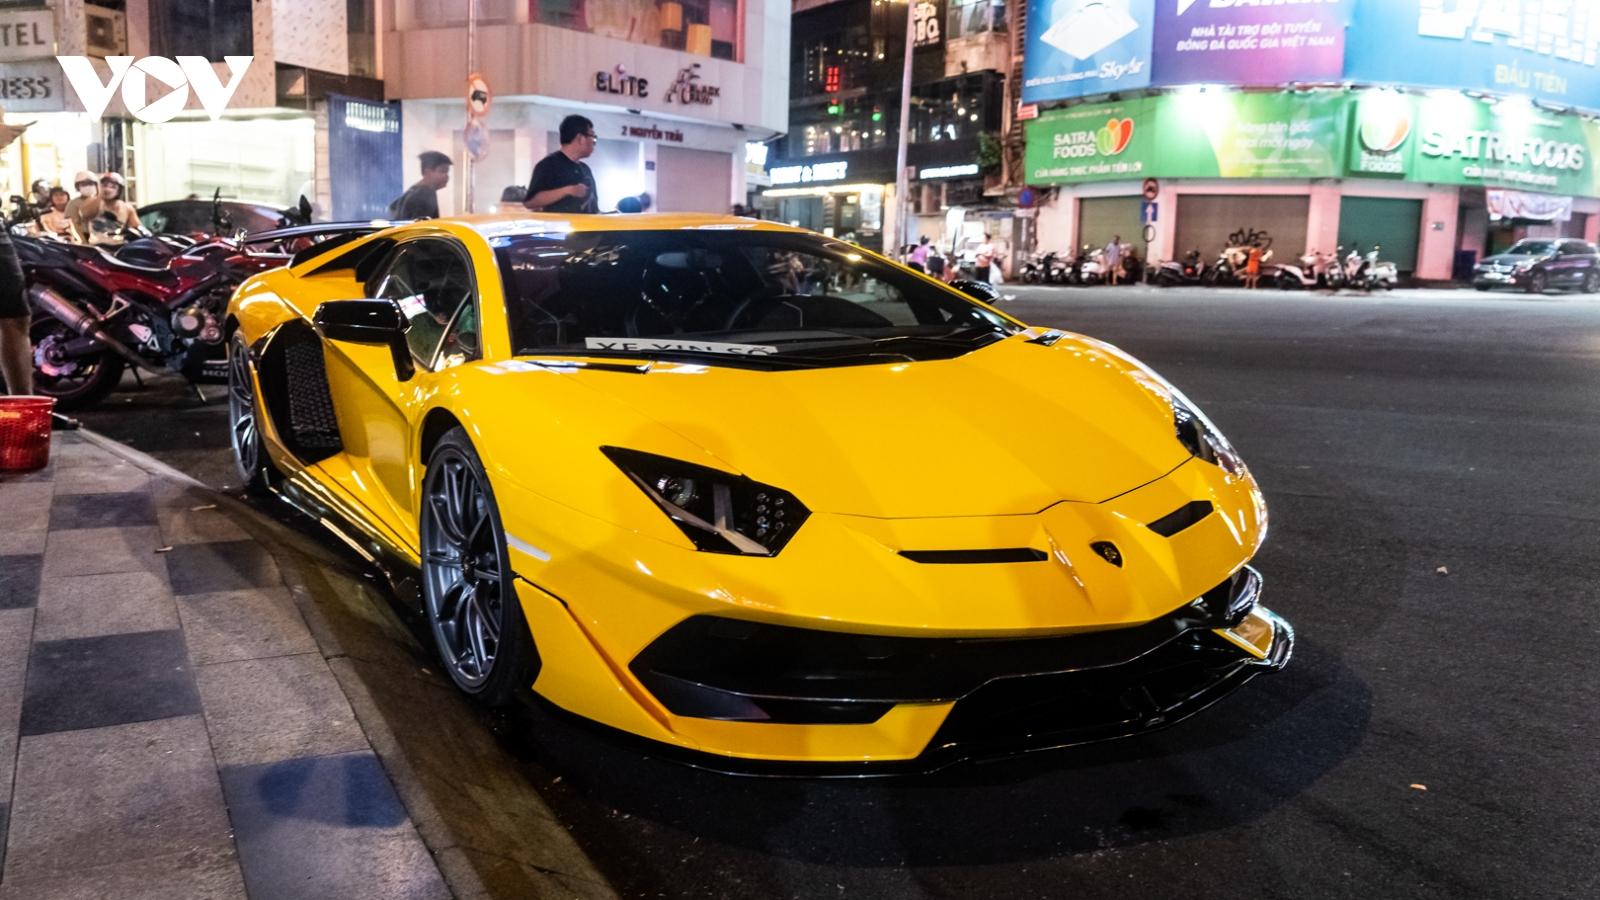 Lamborghini Aventador SVJ xuất hiện ấn tượng trên phố Sài Gòn